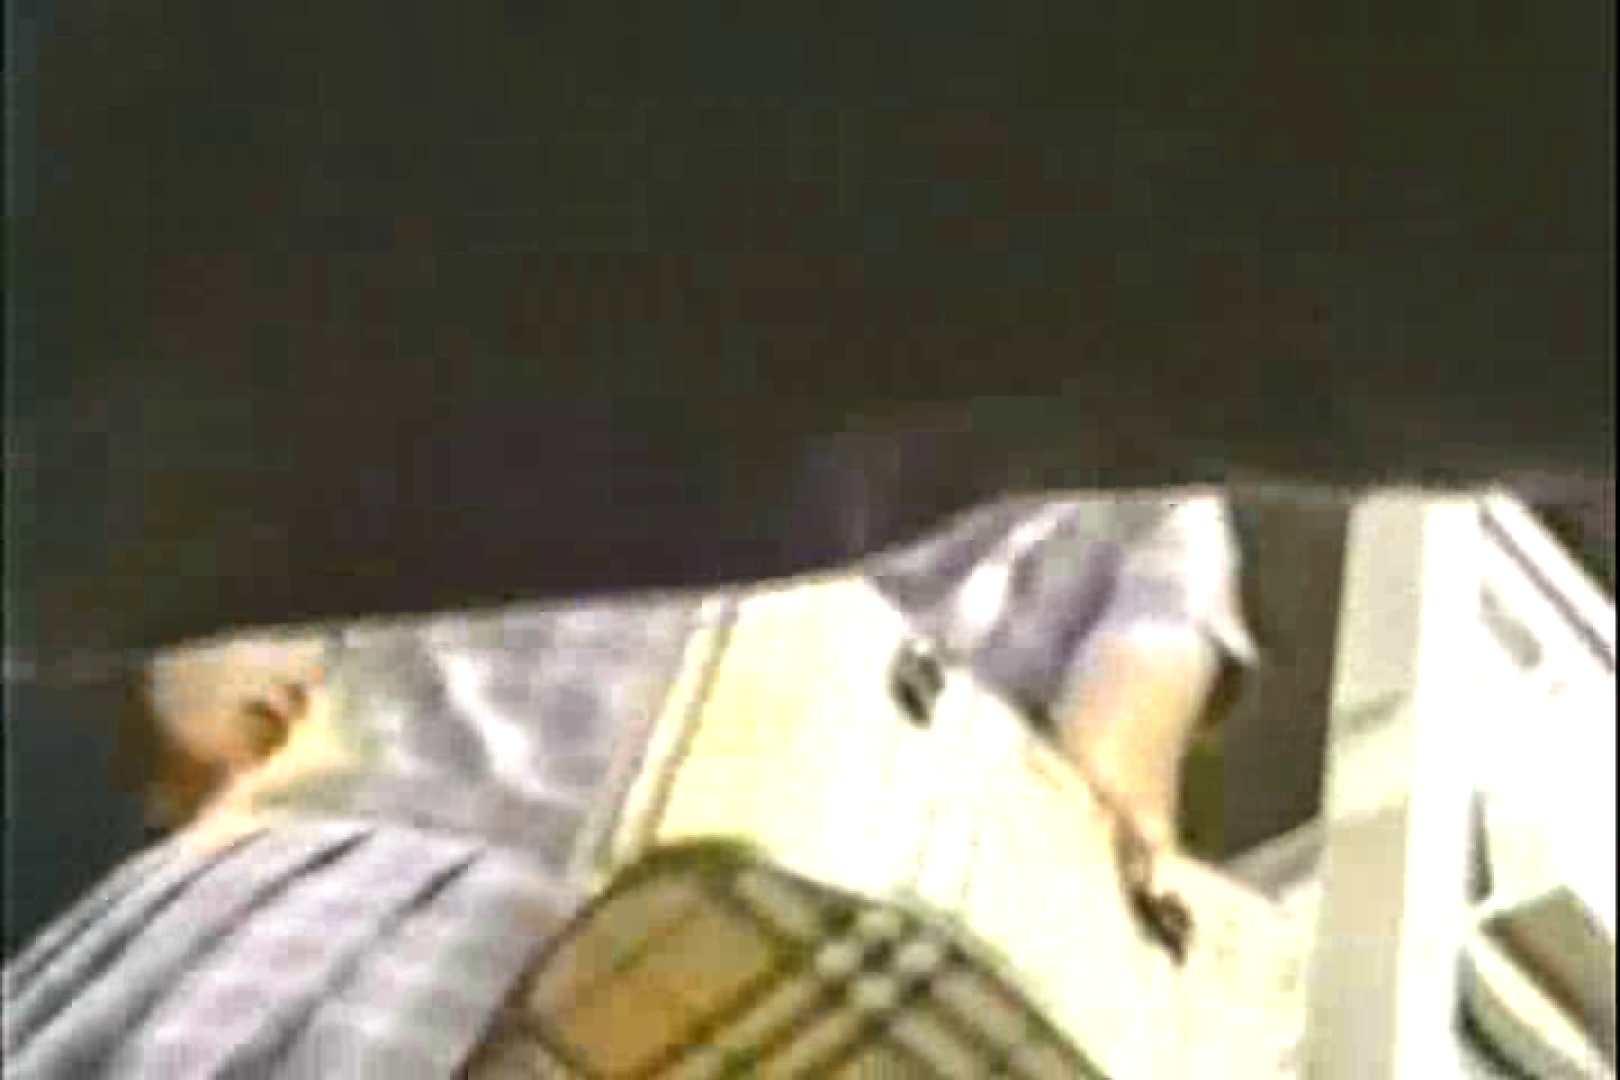 「ちくりん」さんのオリジナル未編集パンチラVol.3_02 OLの実態 盗み撮りSEX無修正画像 46pic 2